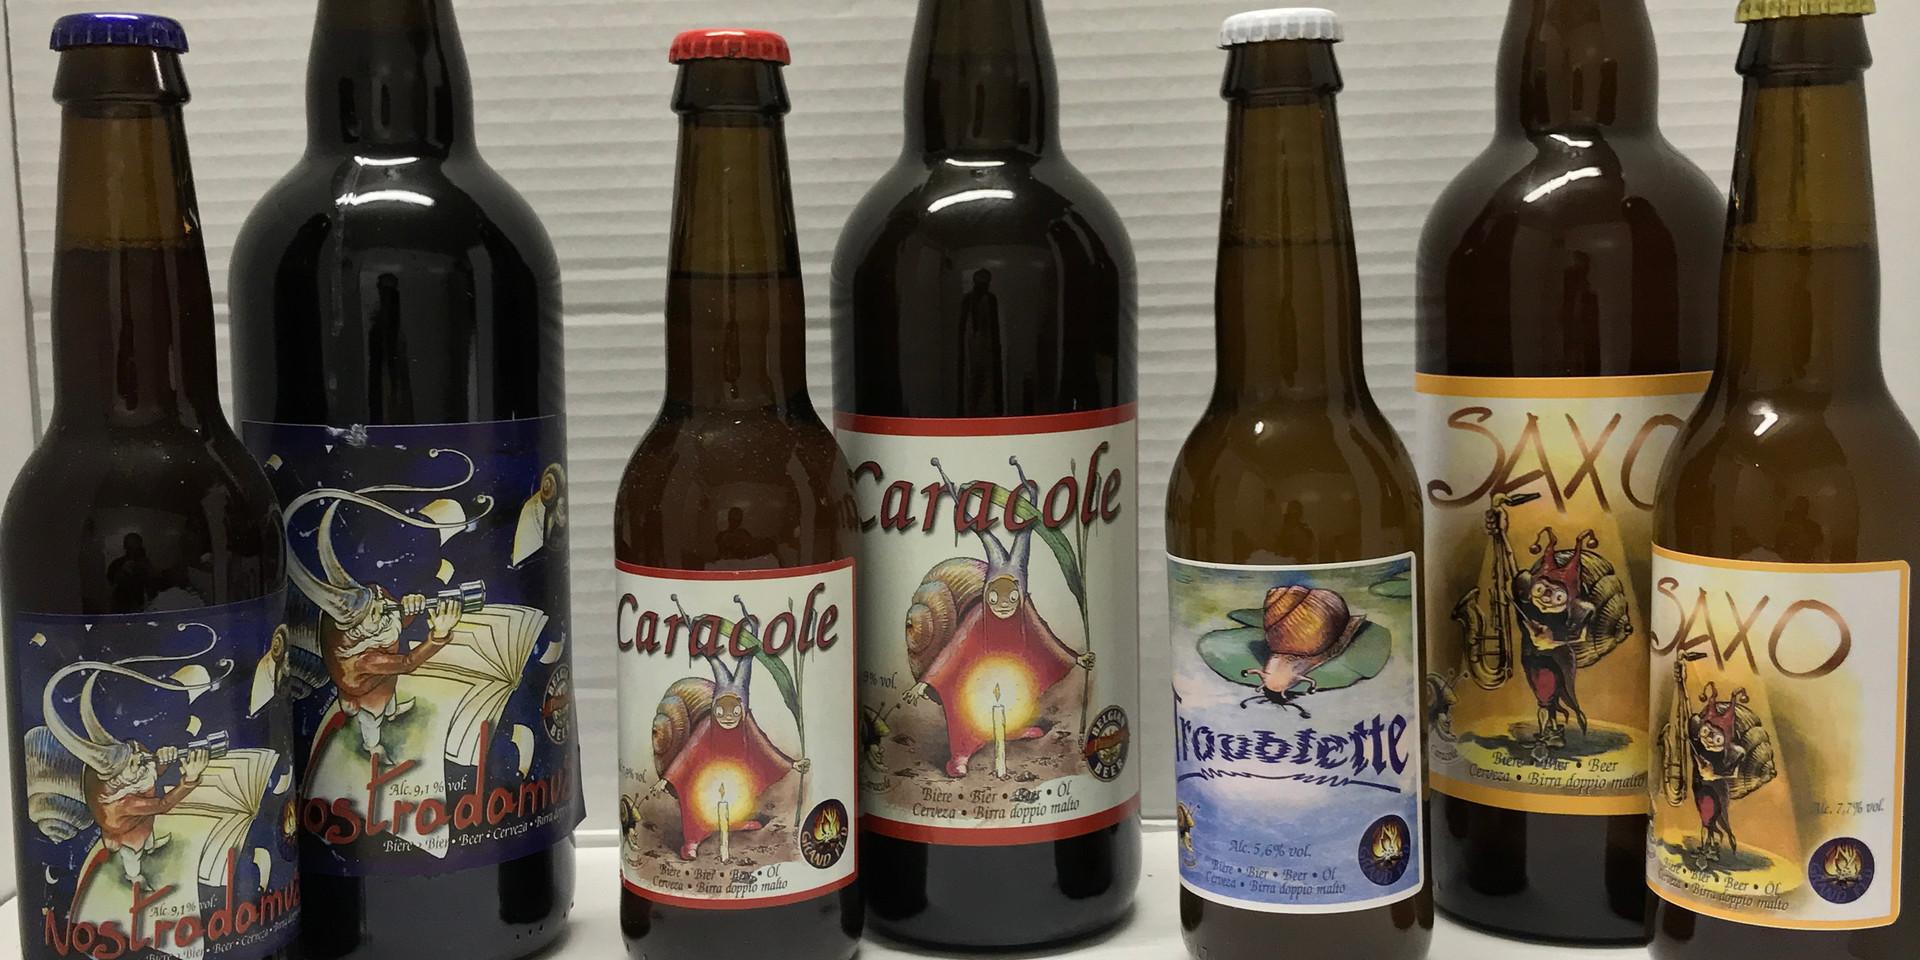 Retrouvez notre selection de produits provenant de la Brasserie Caracole.